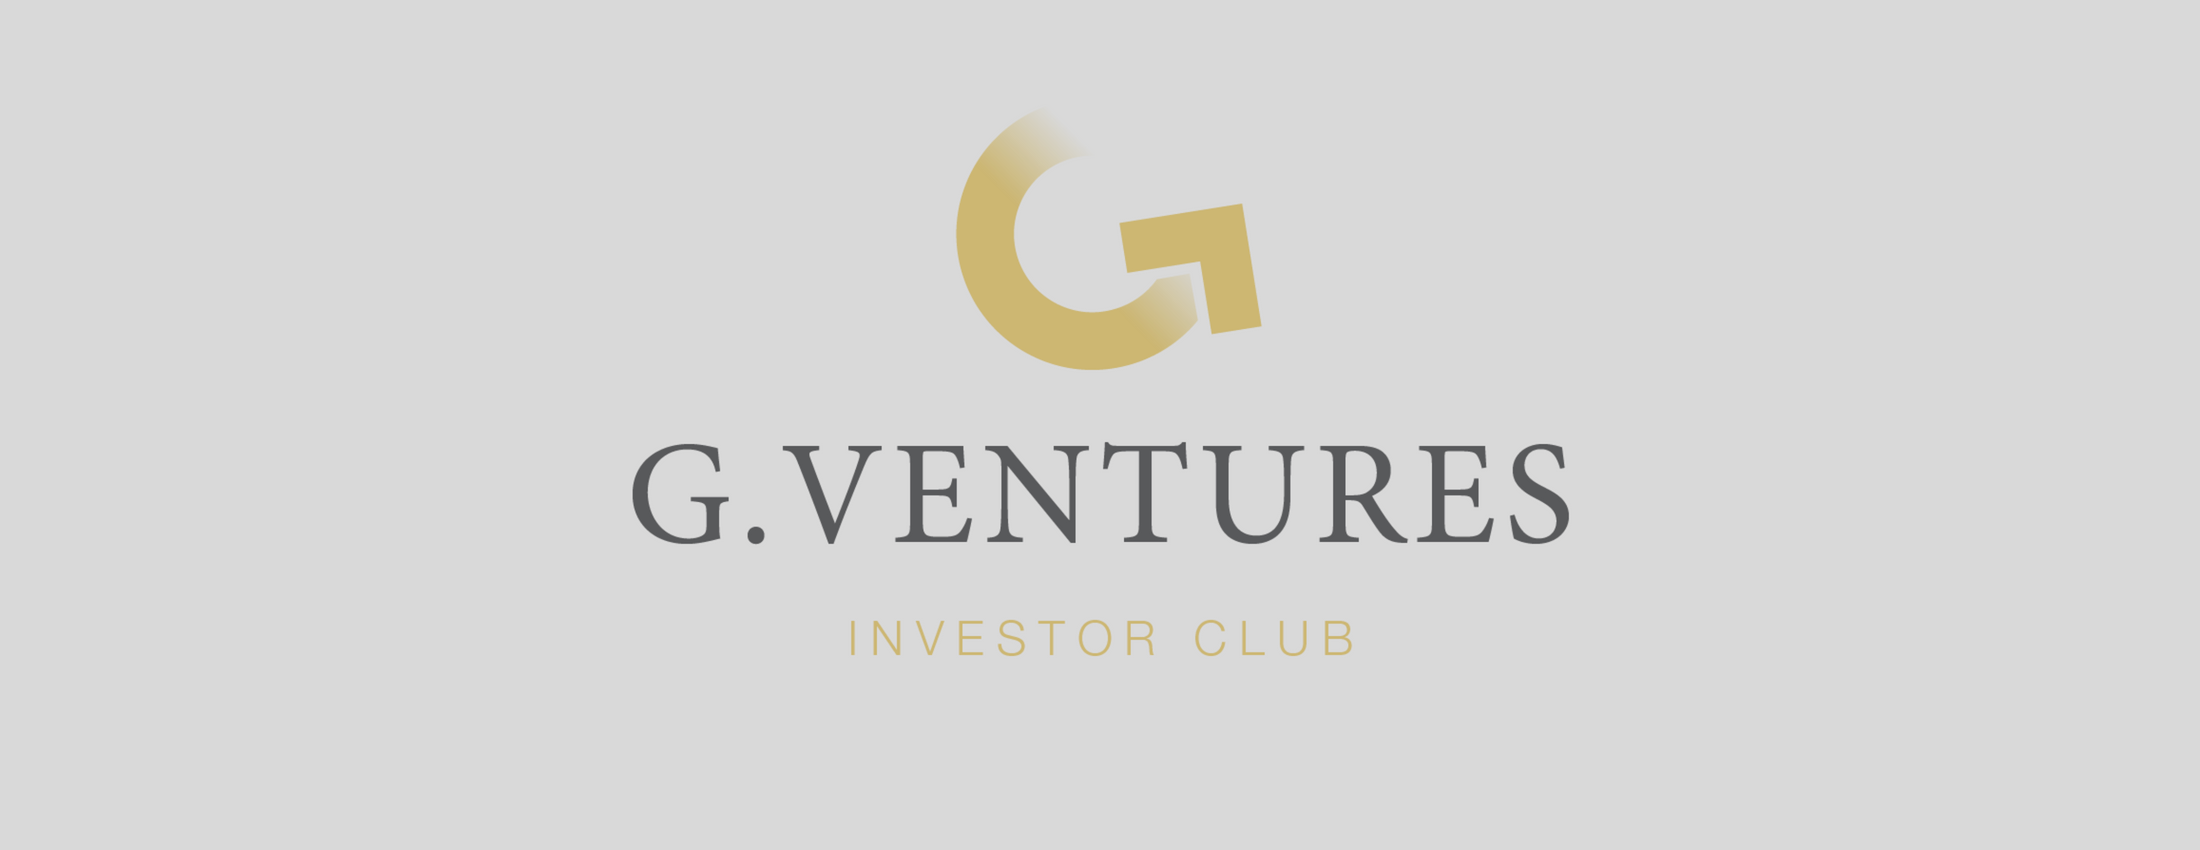 G-Ventures-Investor-Club-Logo-Banner.png